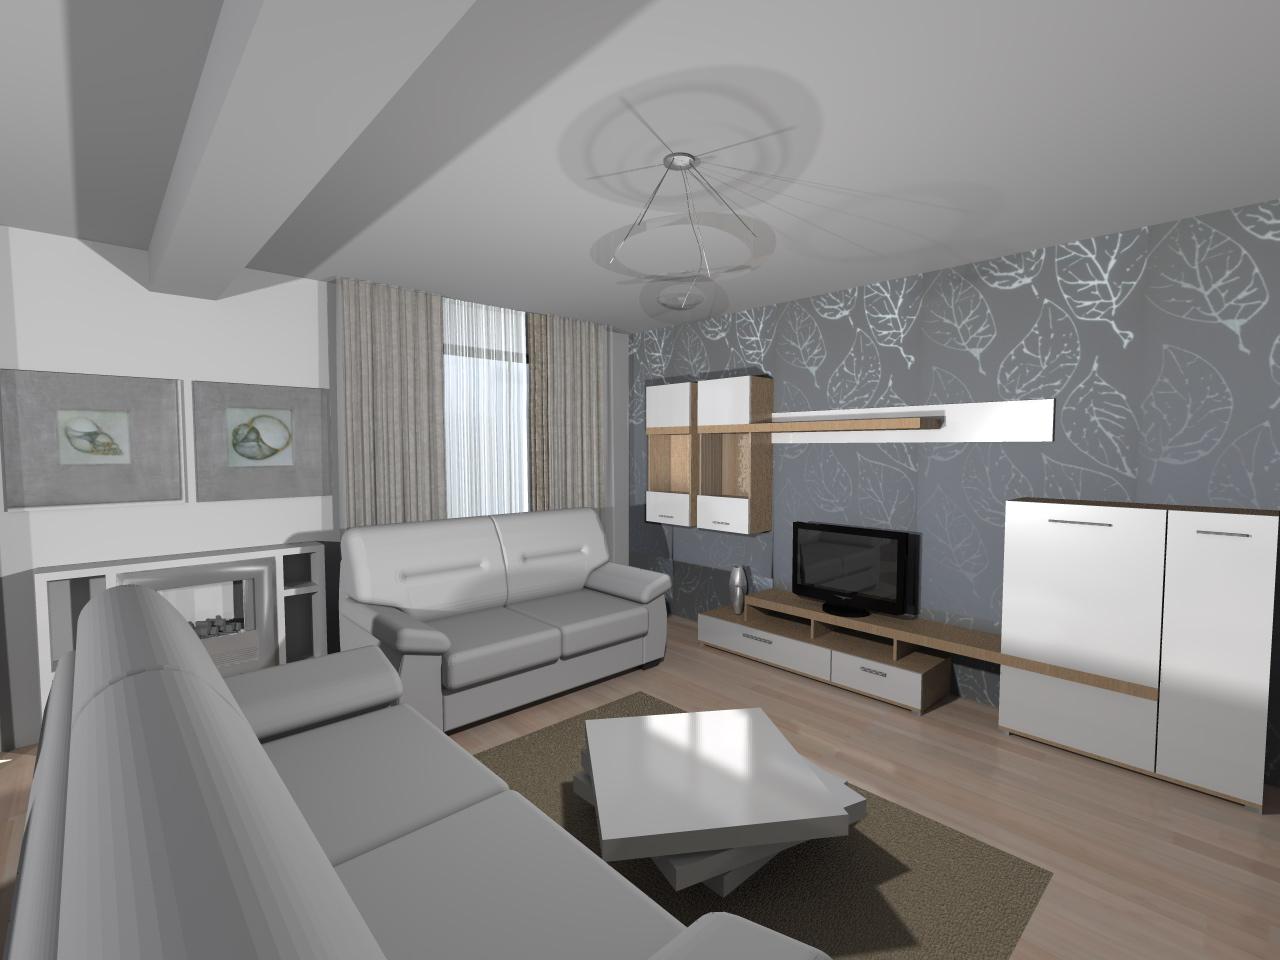 Amenajare living modern for Living moderni